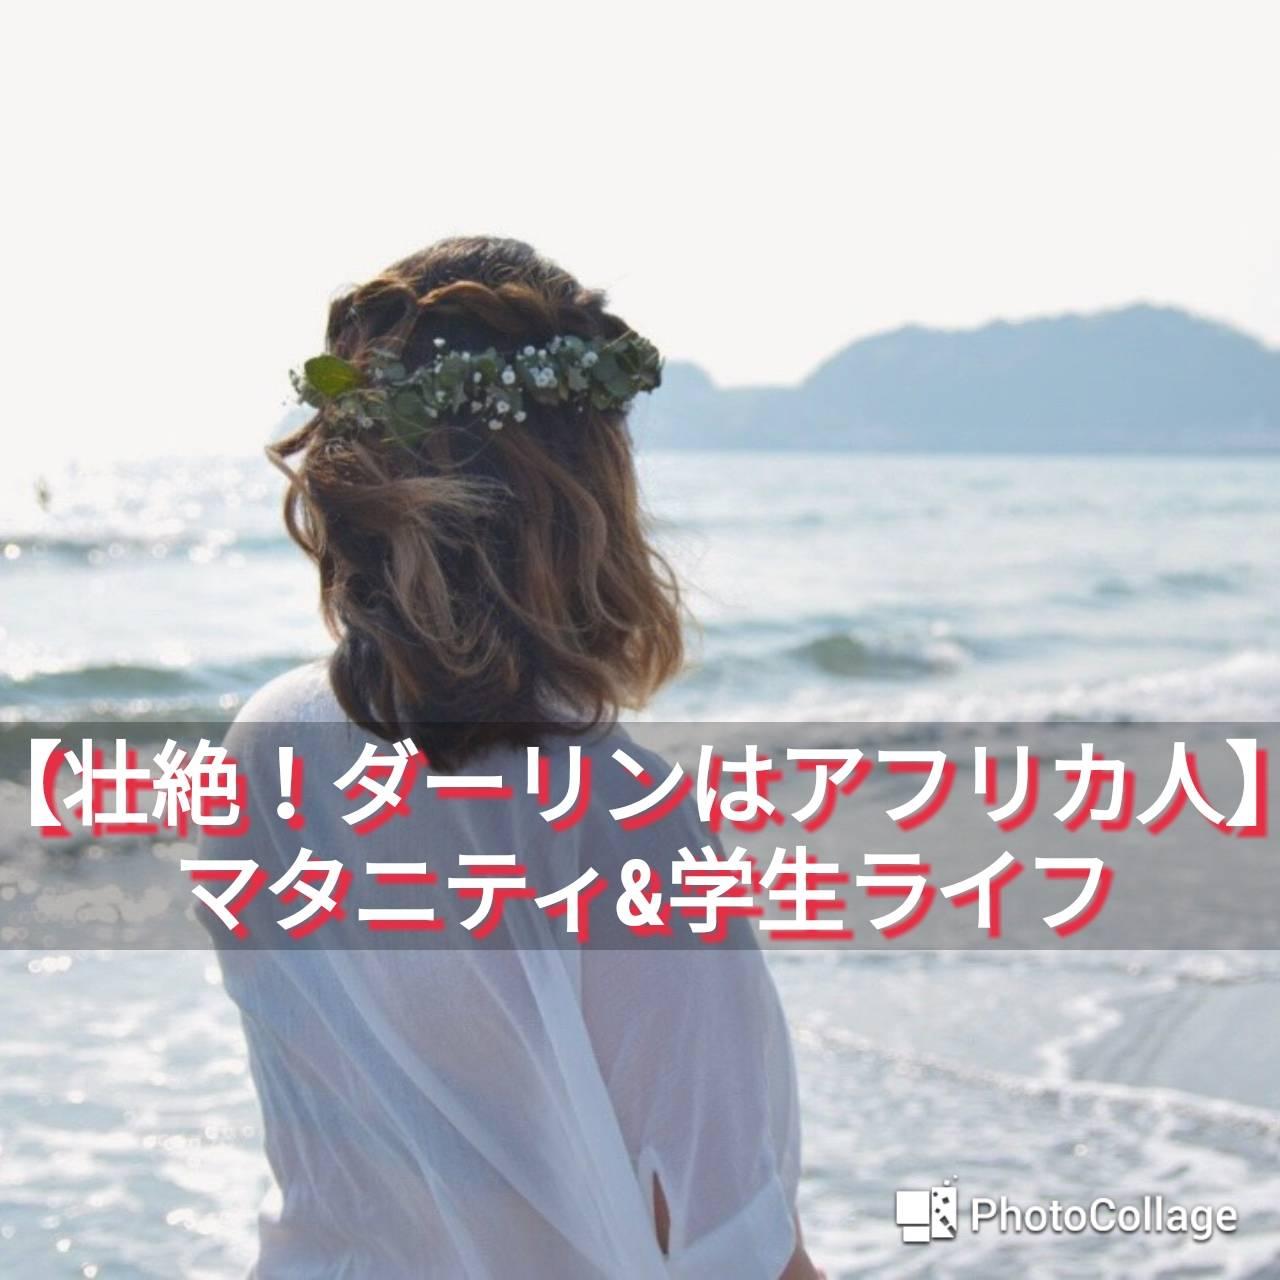 【新連載スタート!】空前絶後の学生ママによる妊婦日記 vol.1